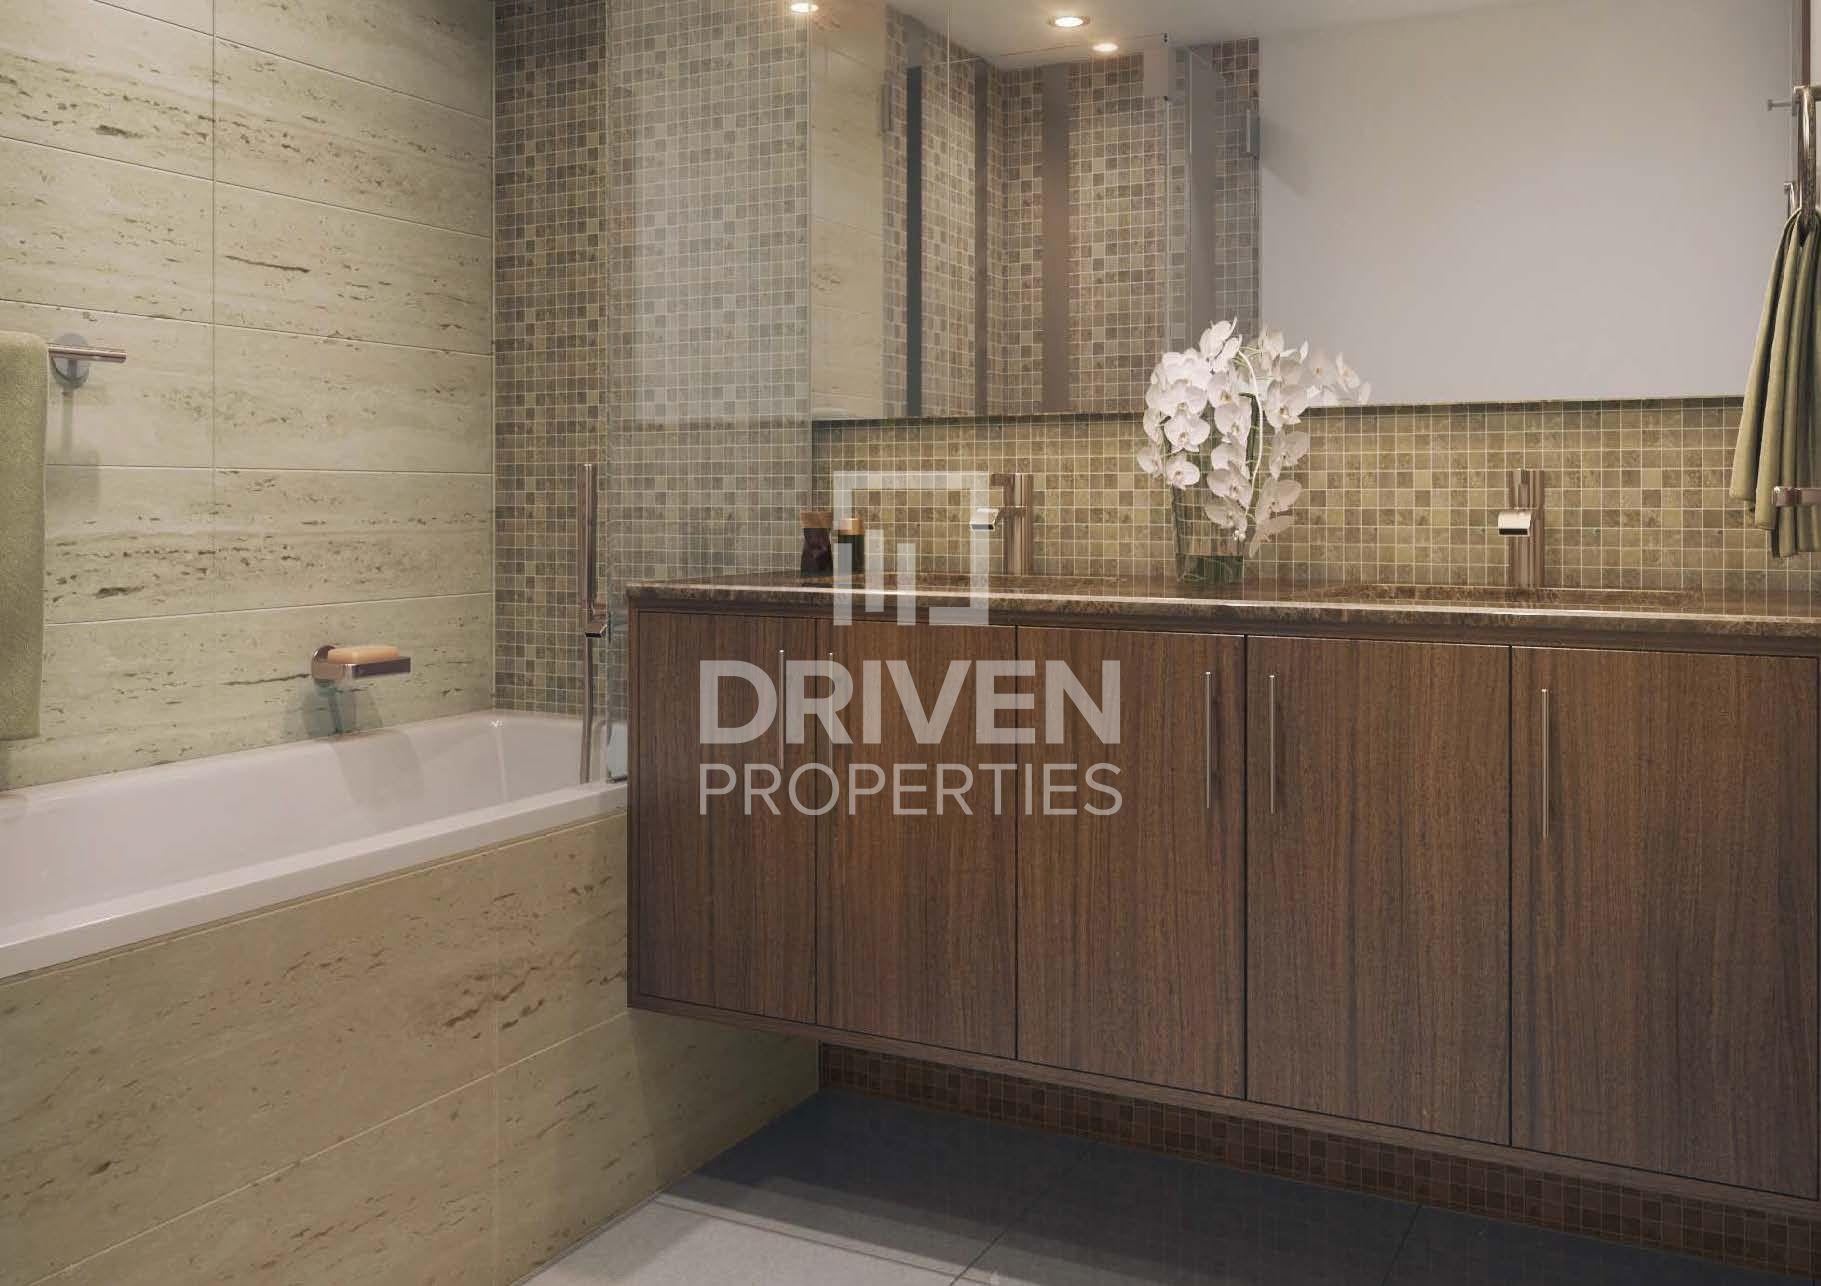 للبيع - شقة - بلفيو برج 2 - دبي وسط المدينة